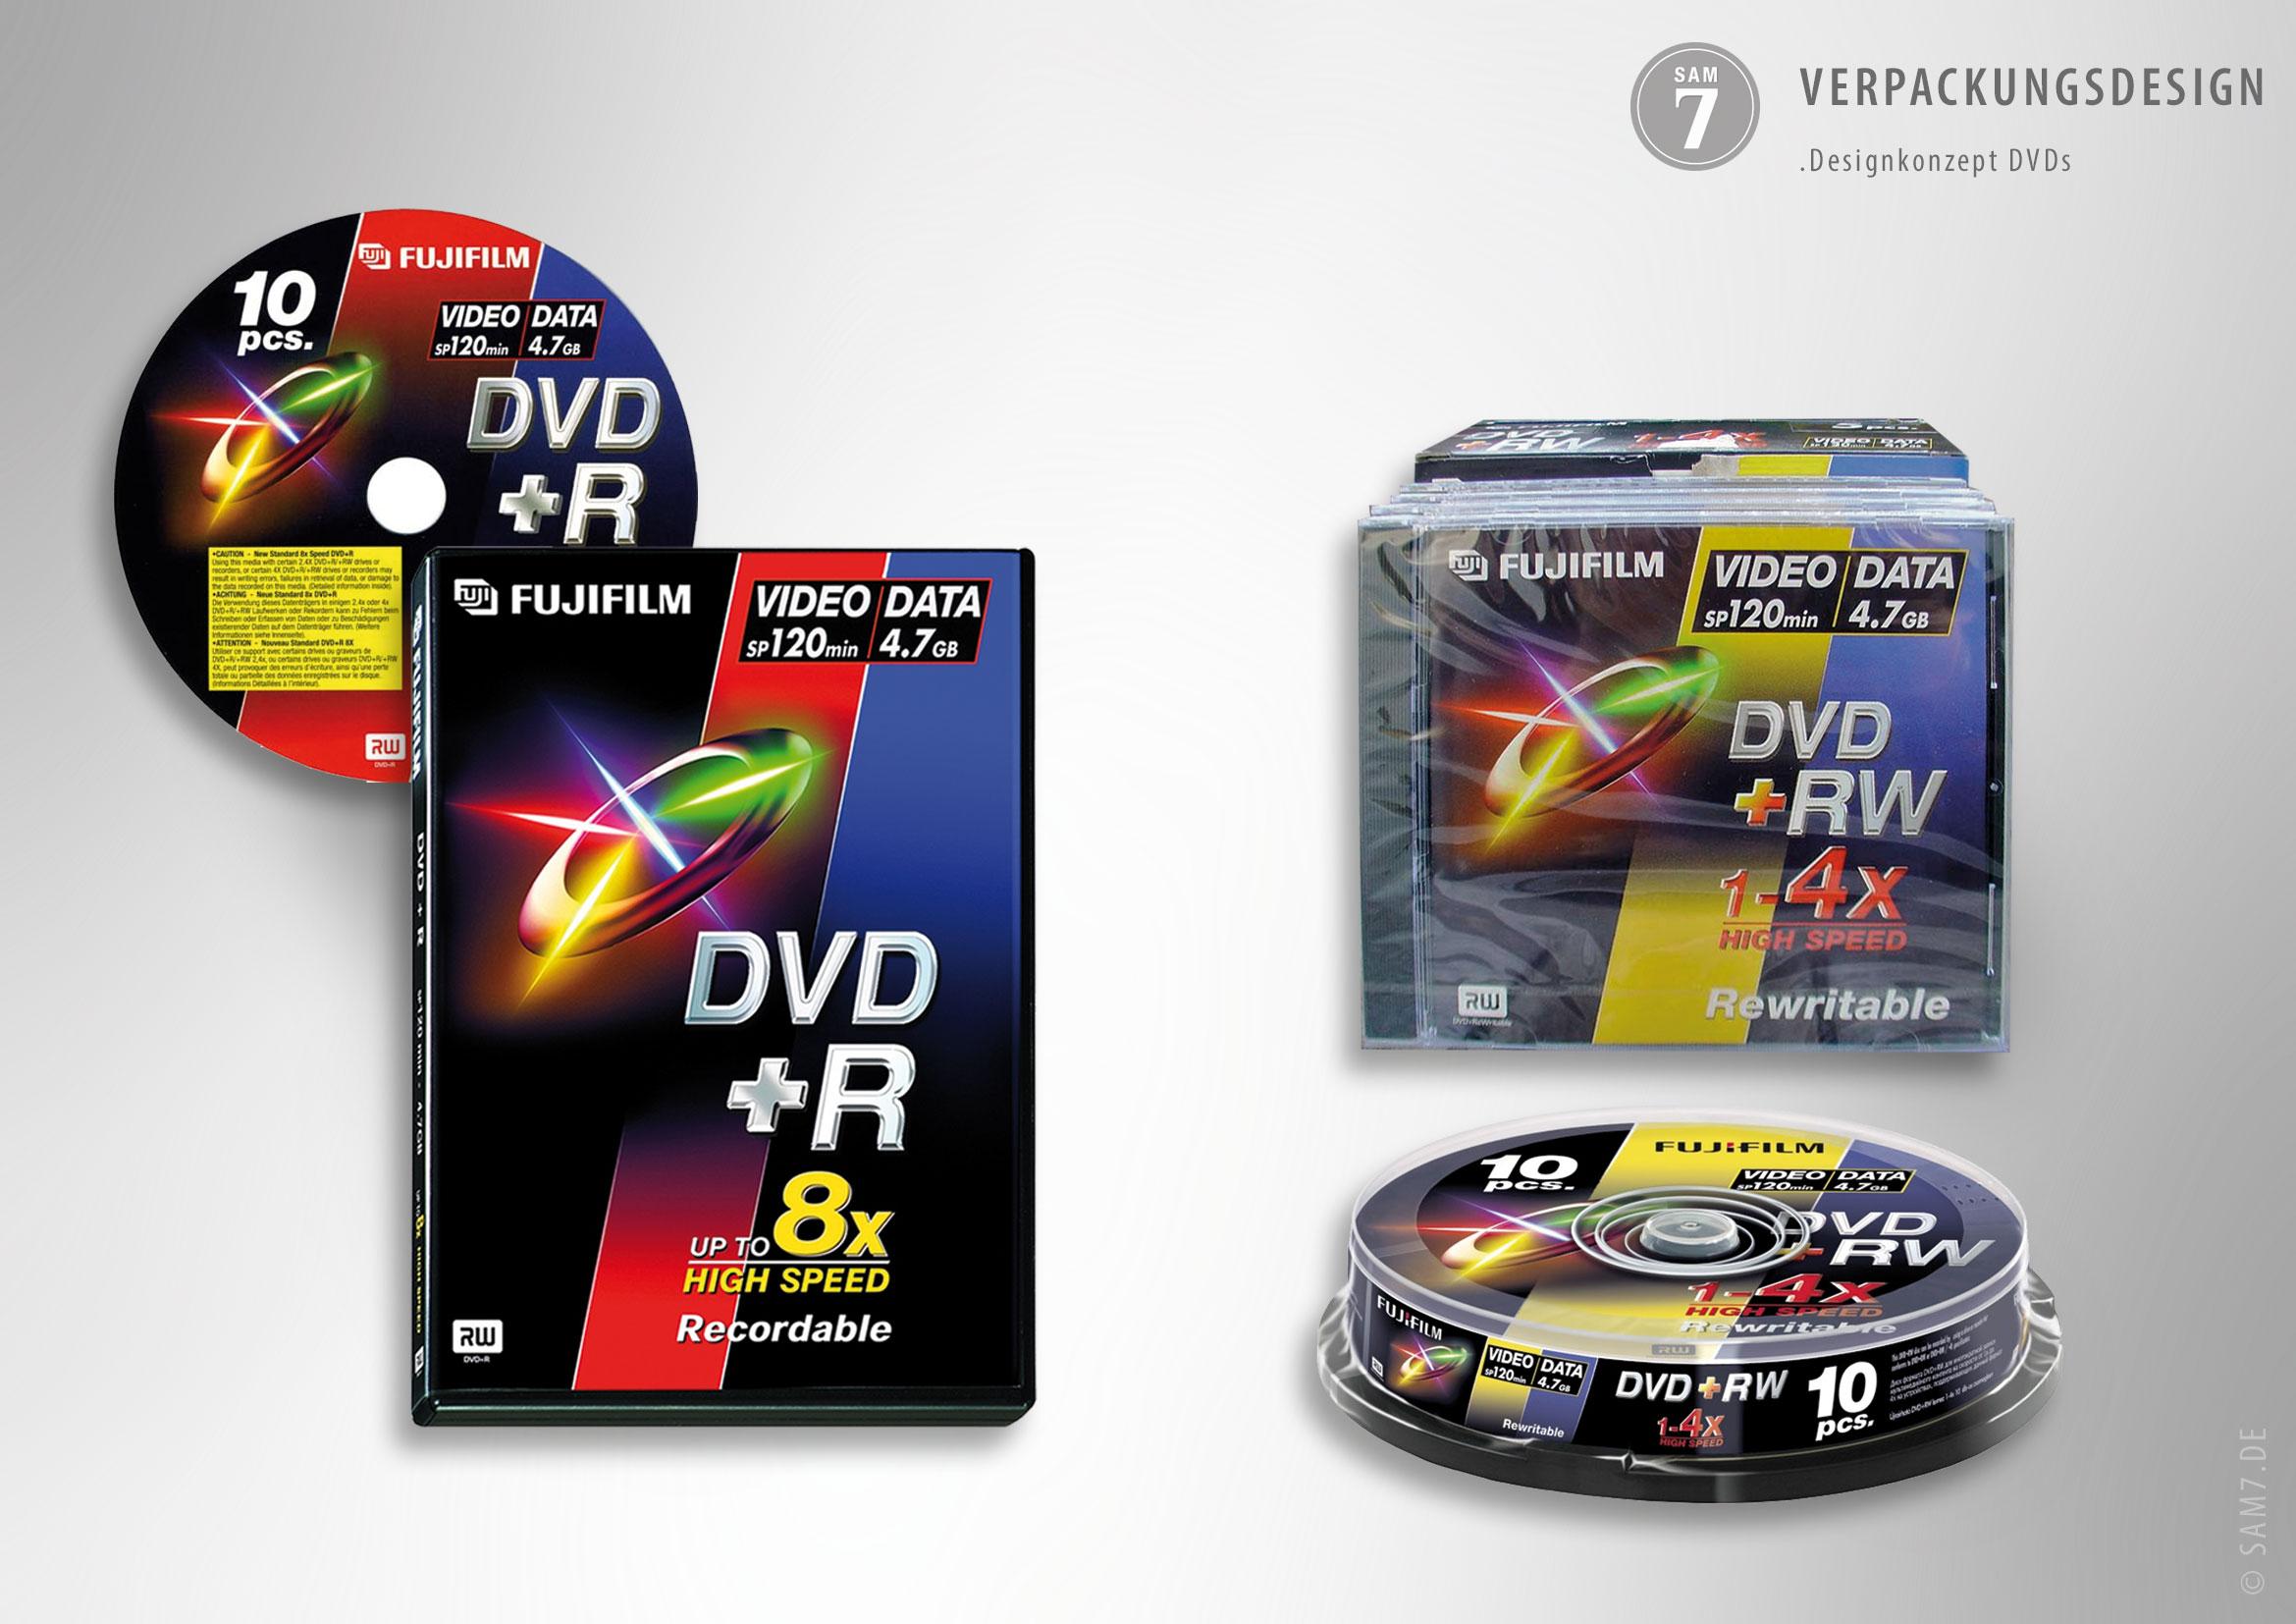 Verpackungsdesign Fuji DVD+R.